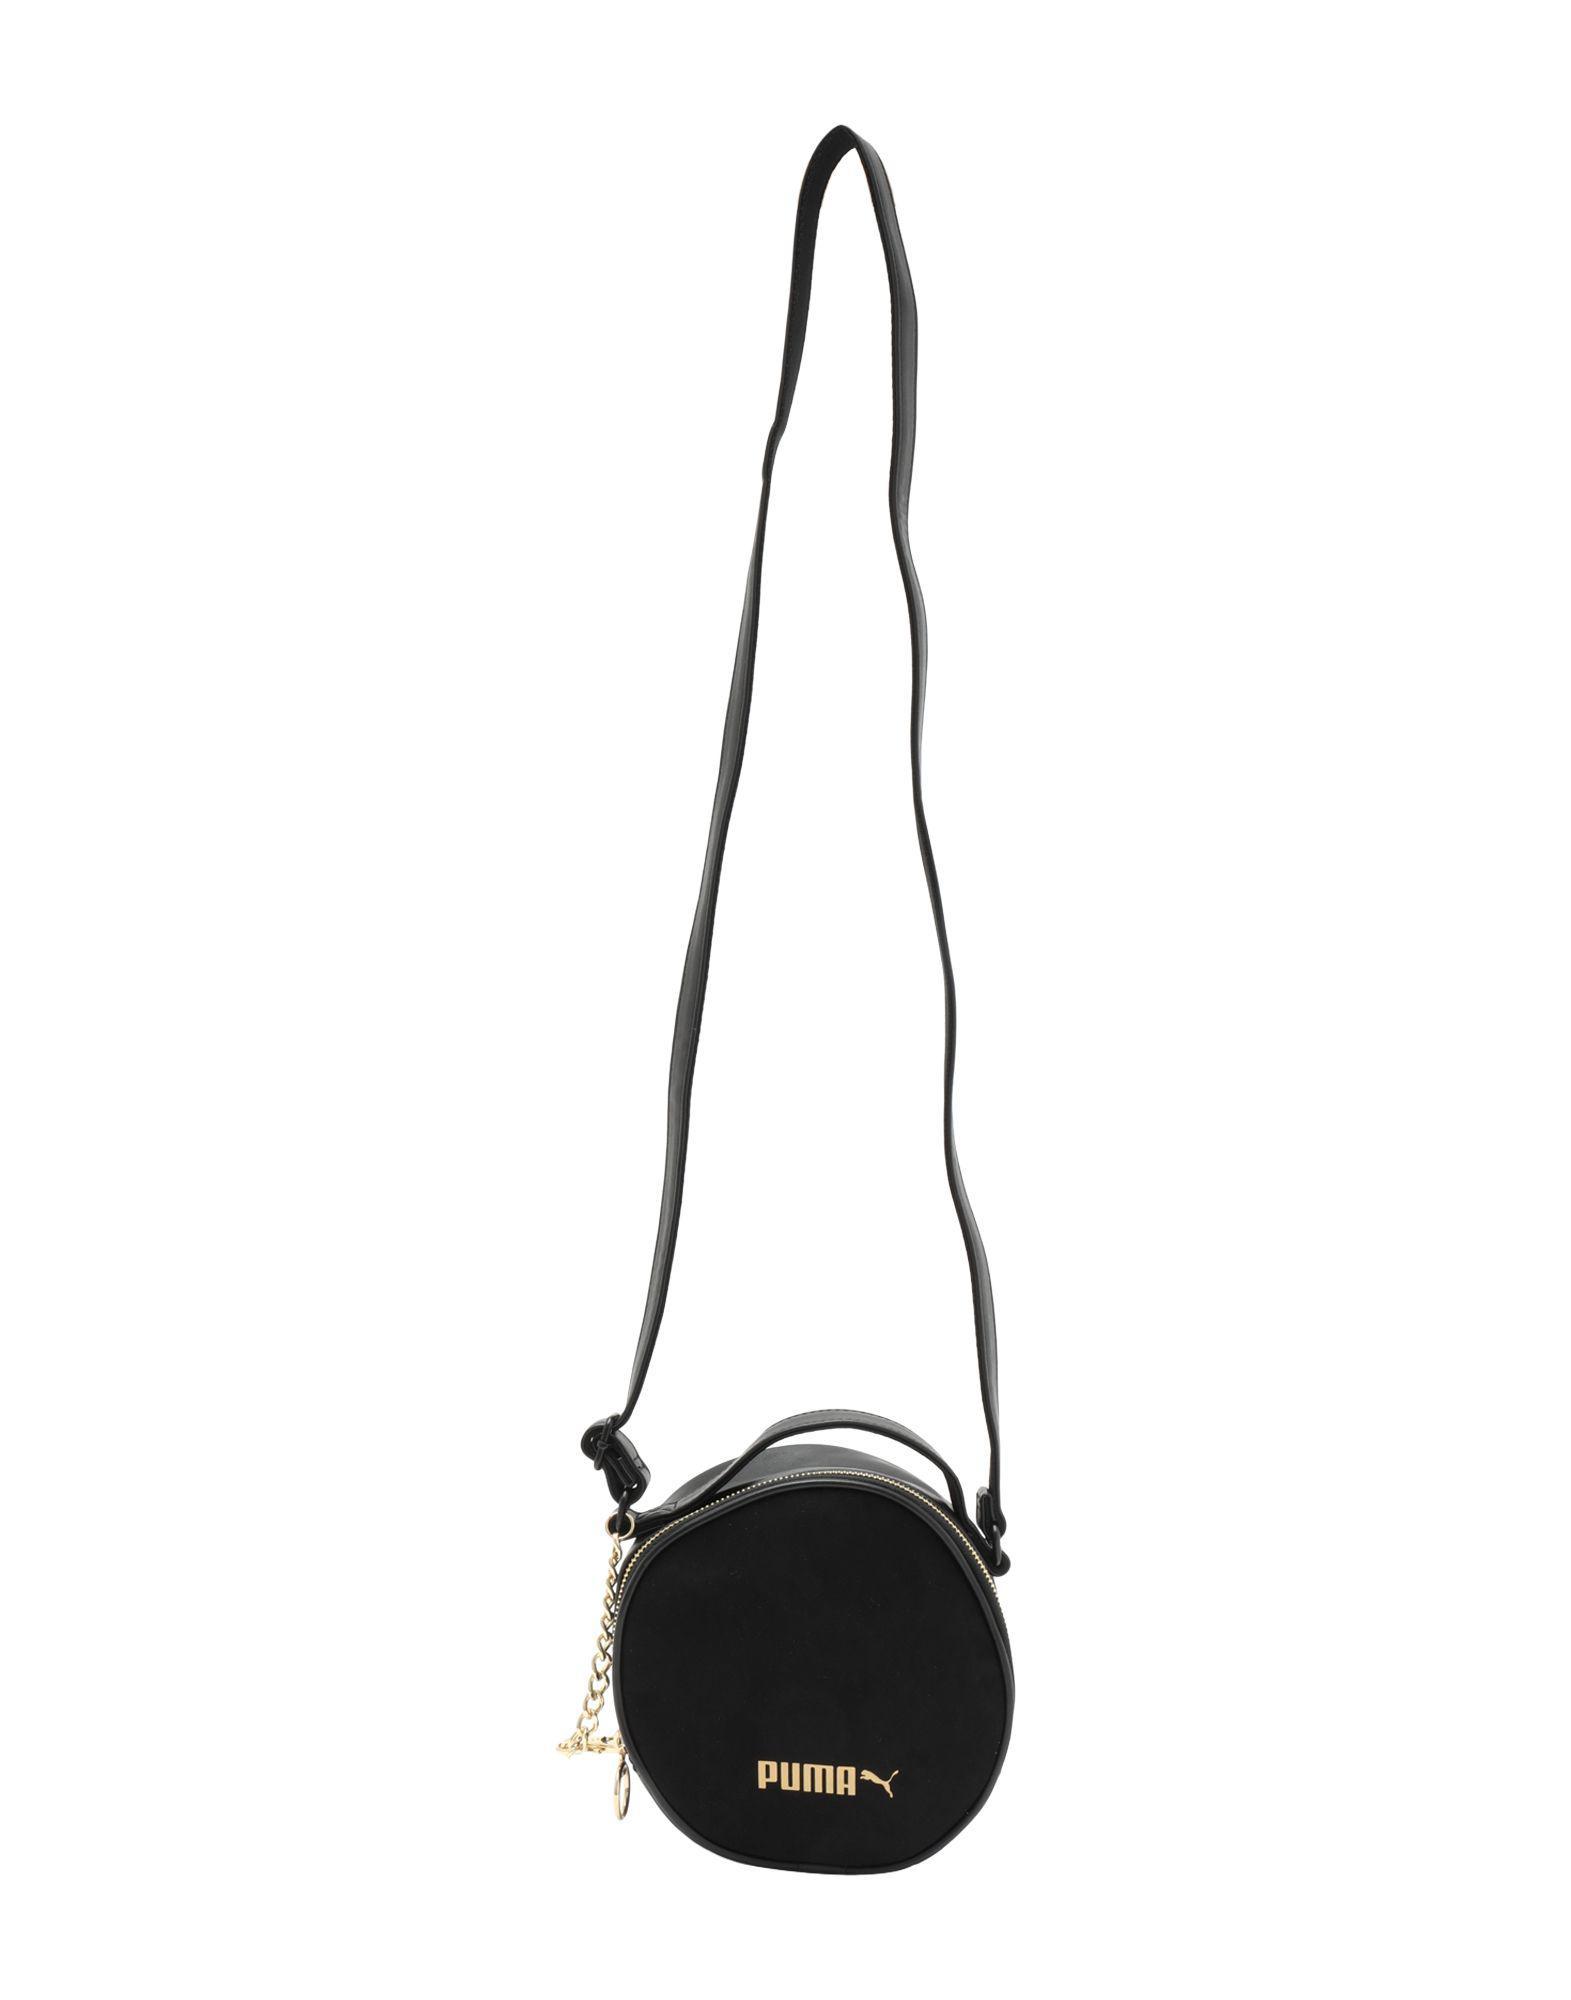 a3c92d23a7c PUMA Cross-body Bag in Black - Lyst